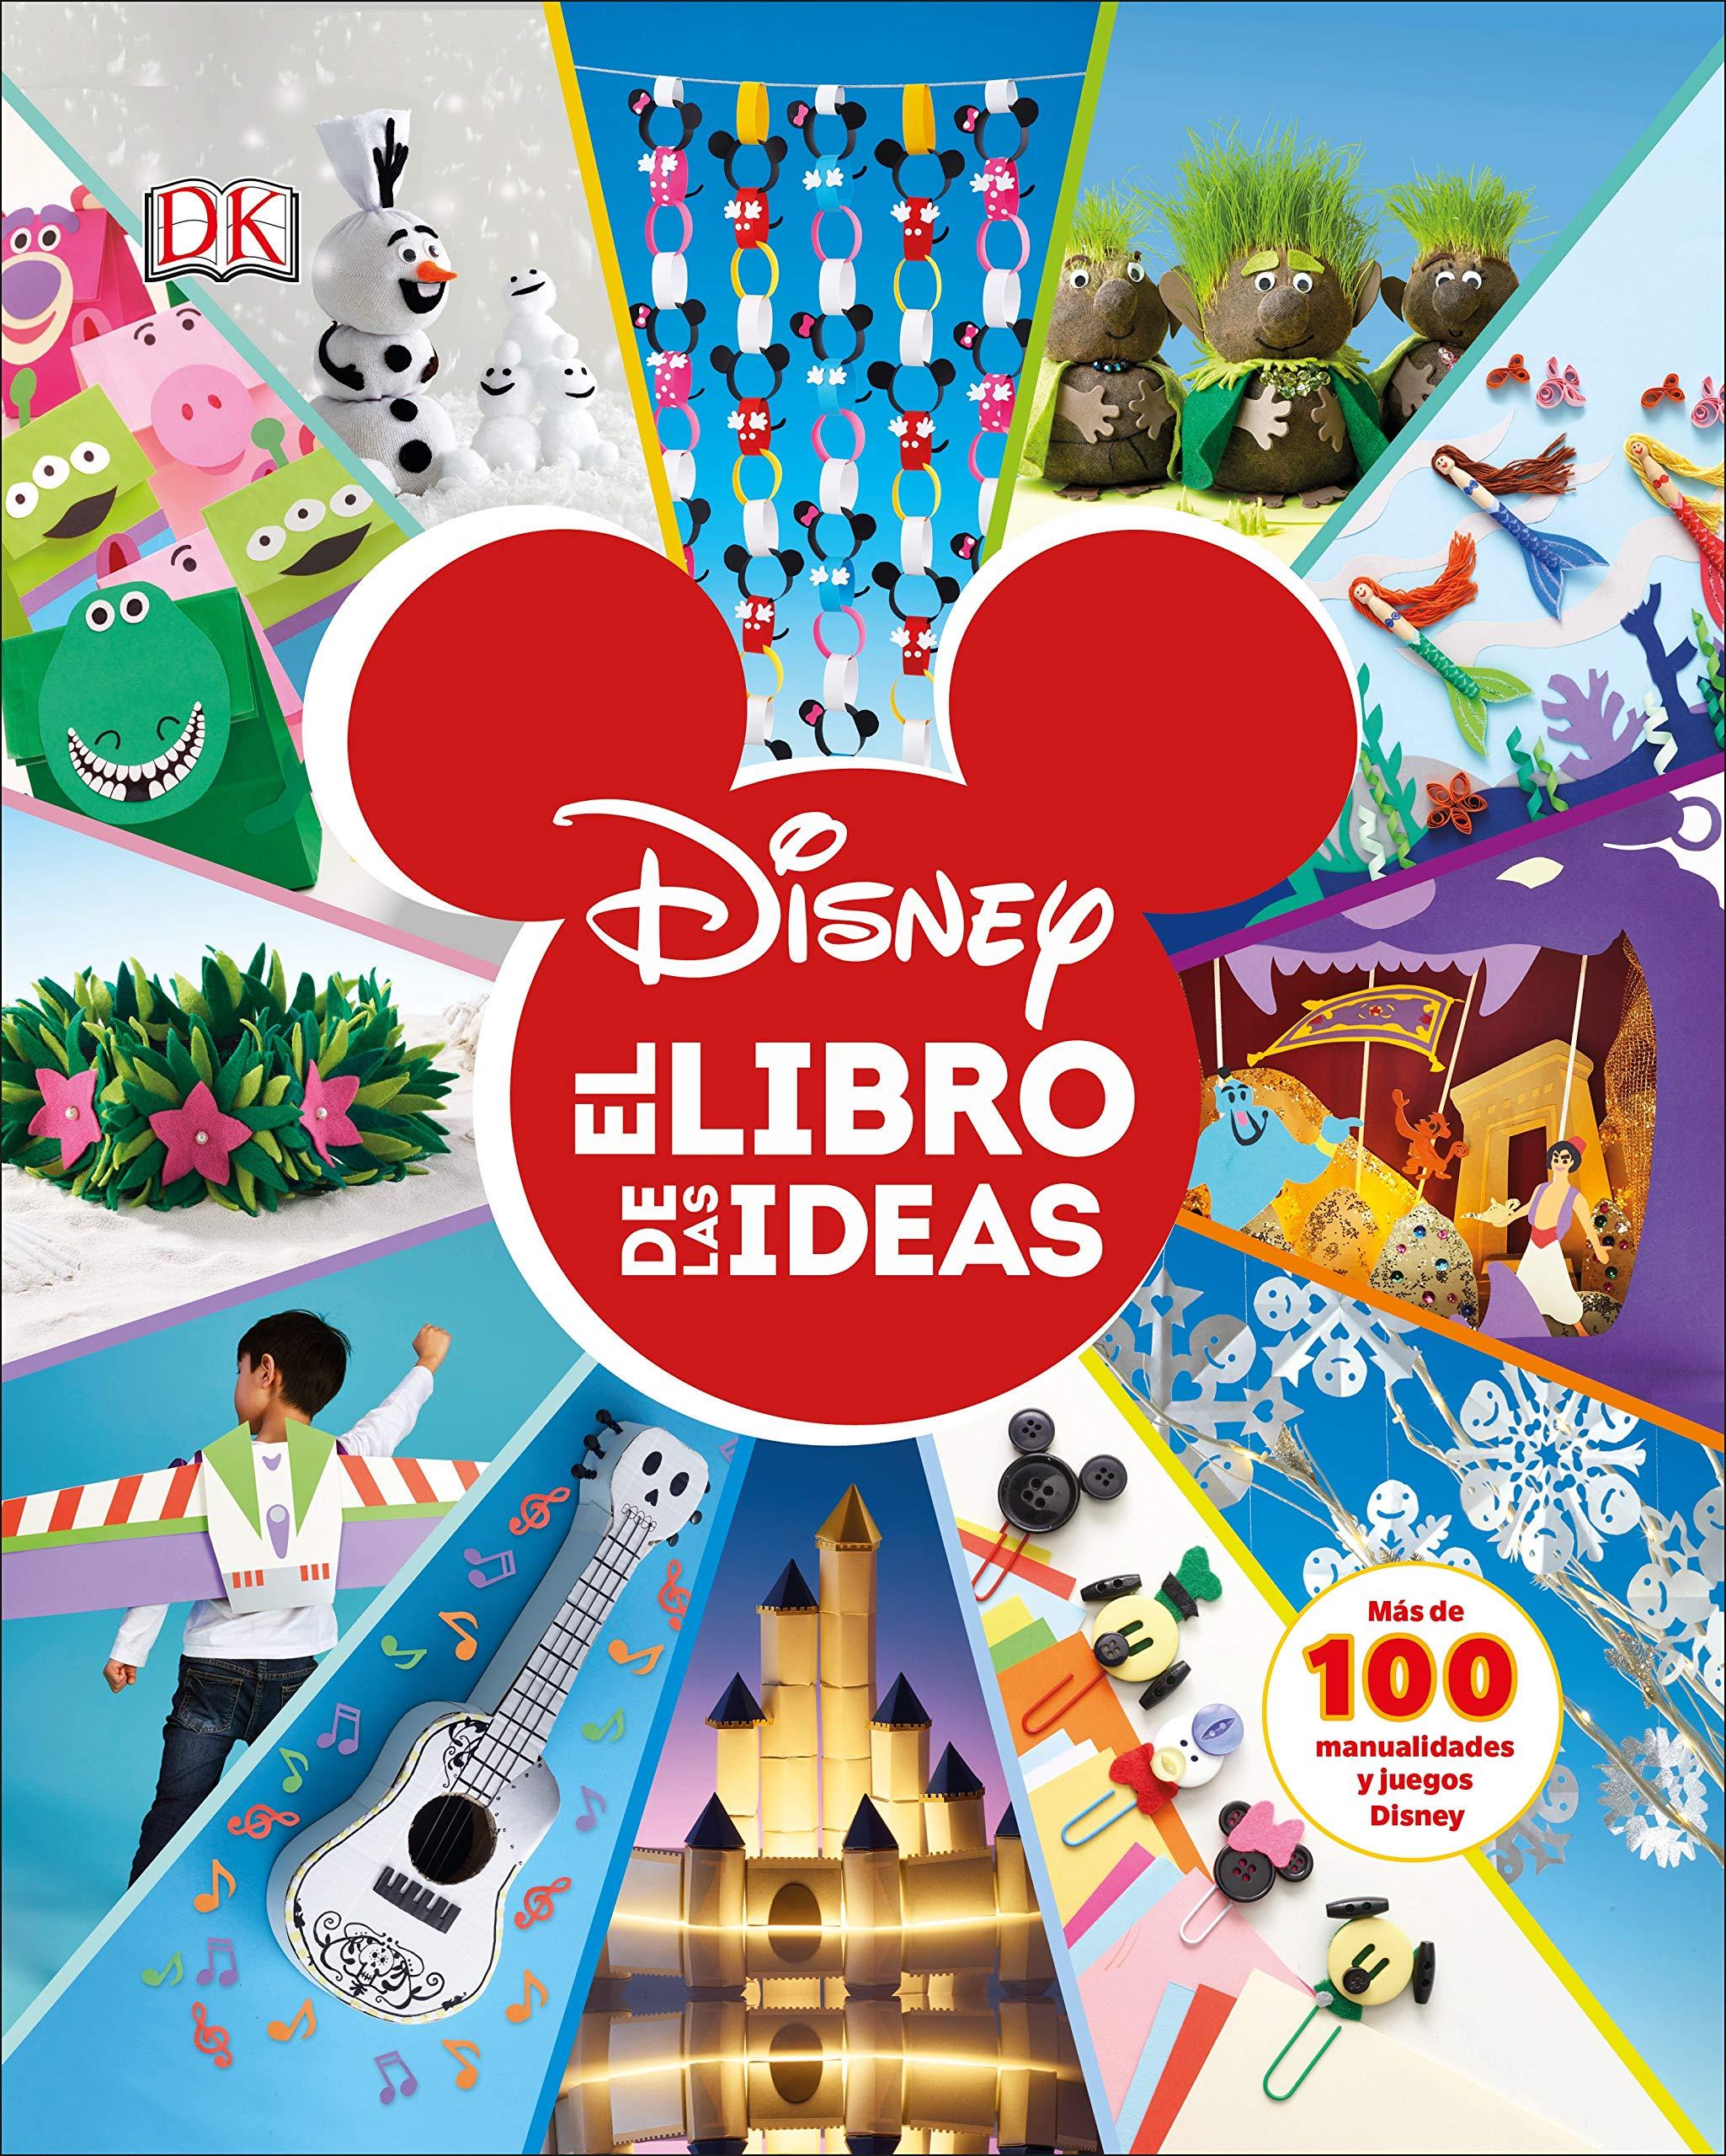 Disney. El libro de las ideas (Spanish Edition) (Spanish) Hardcover – March 5, 2019